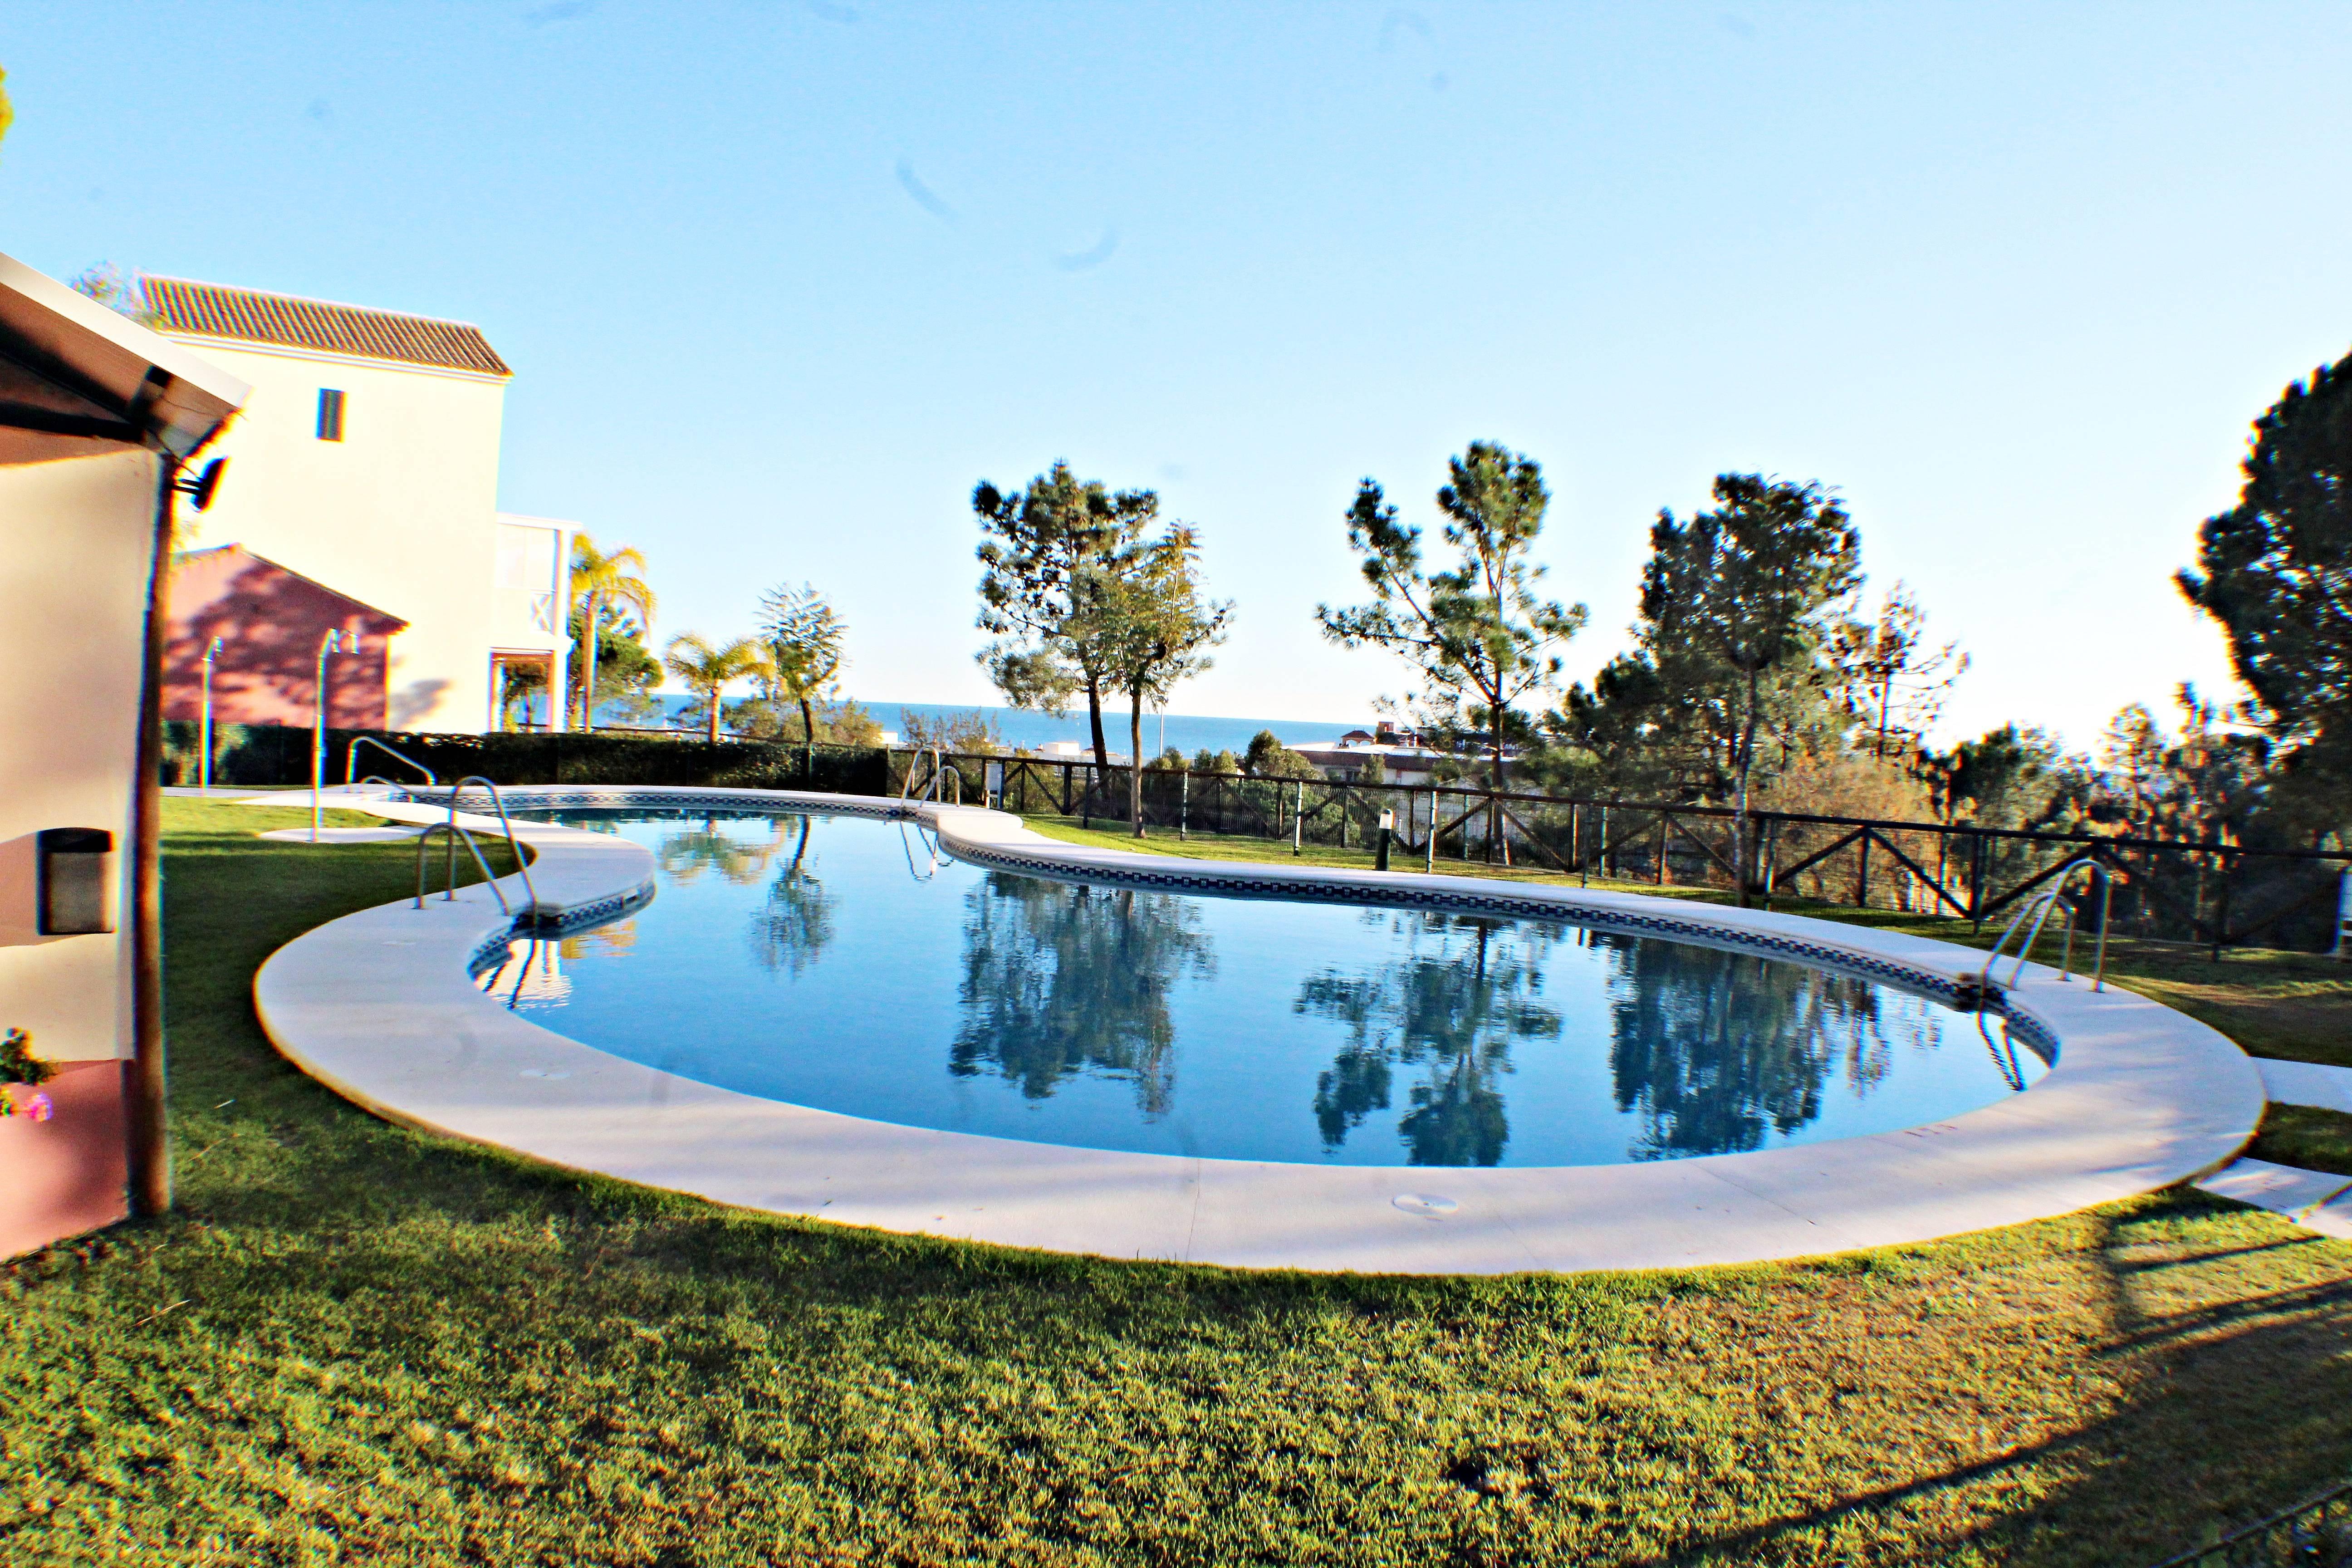 Apartamento de 2 habitaciones a 800 m de la playa - Rentalia islantilla ...